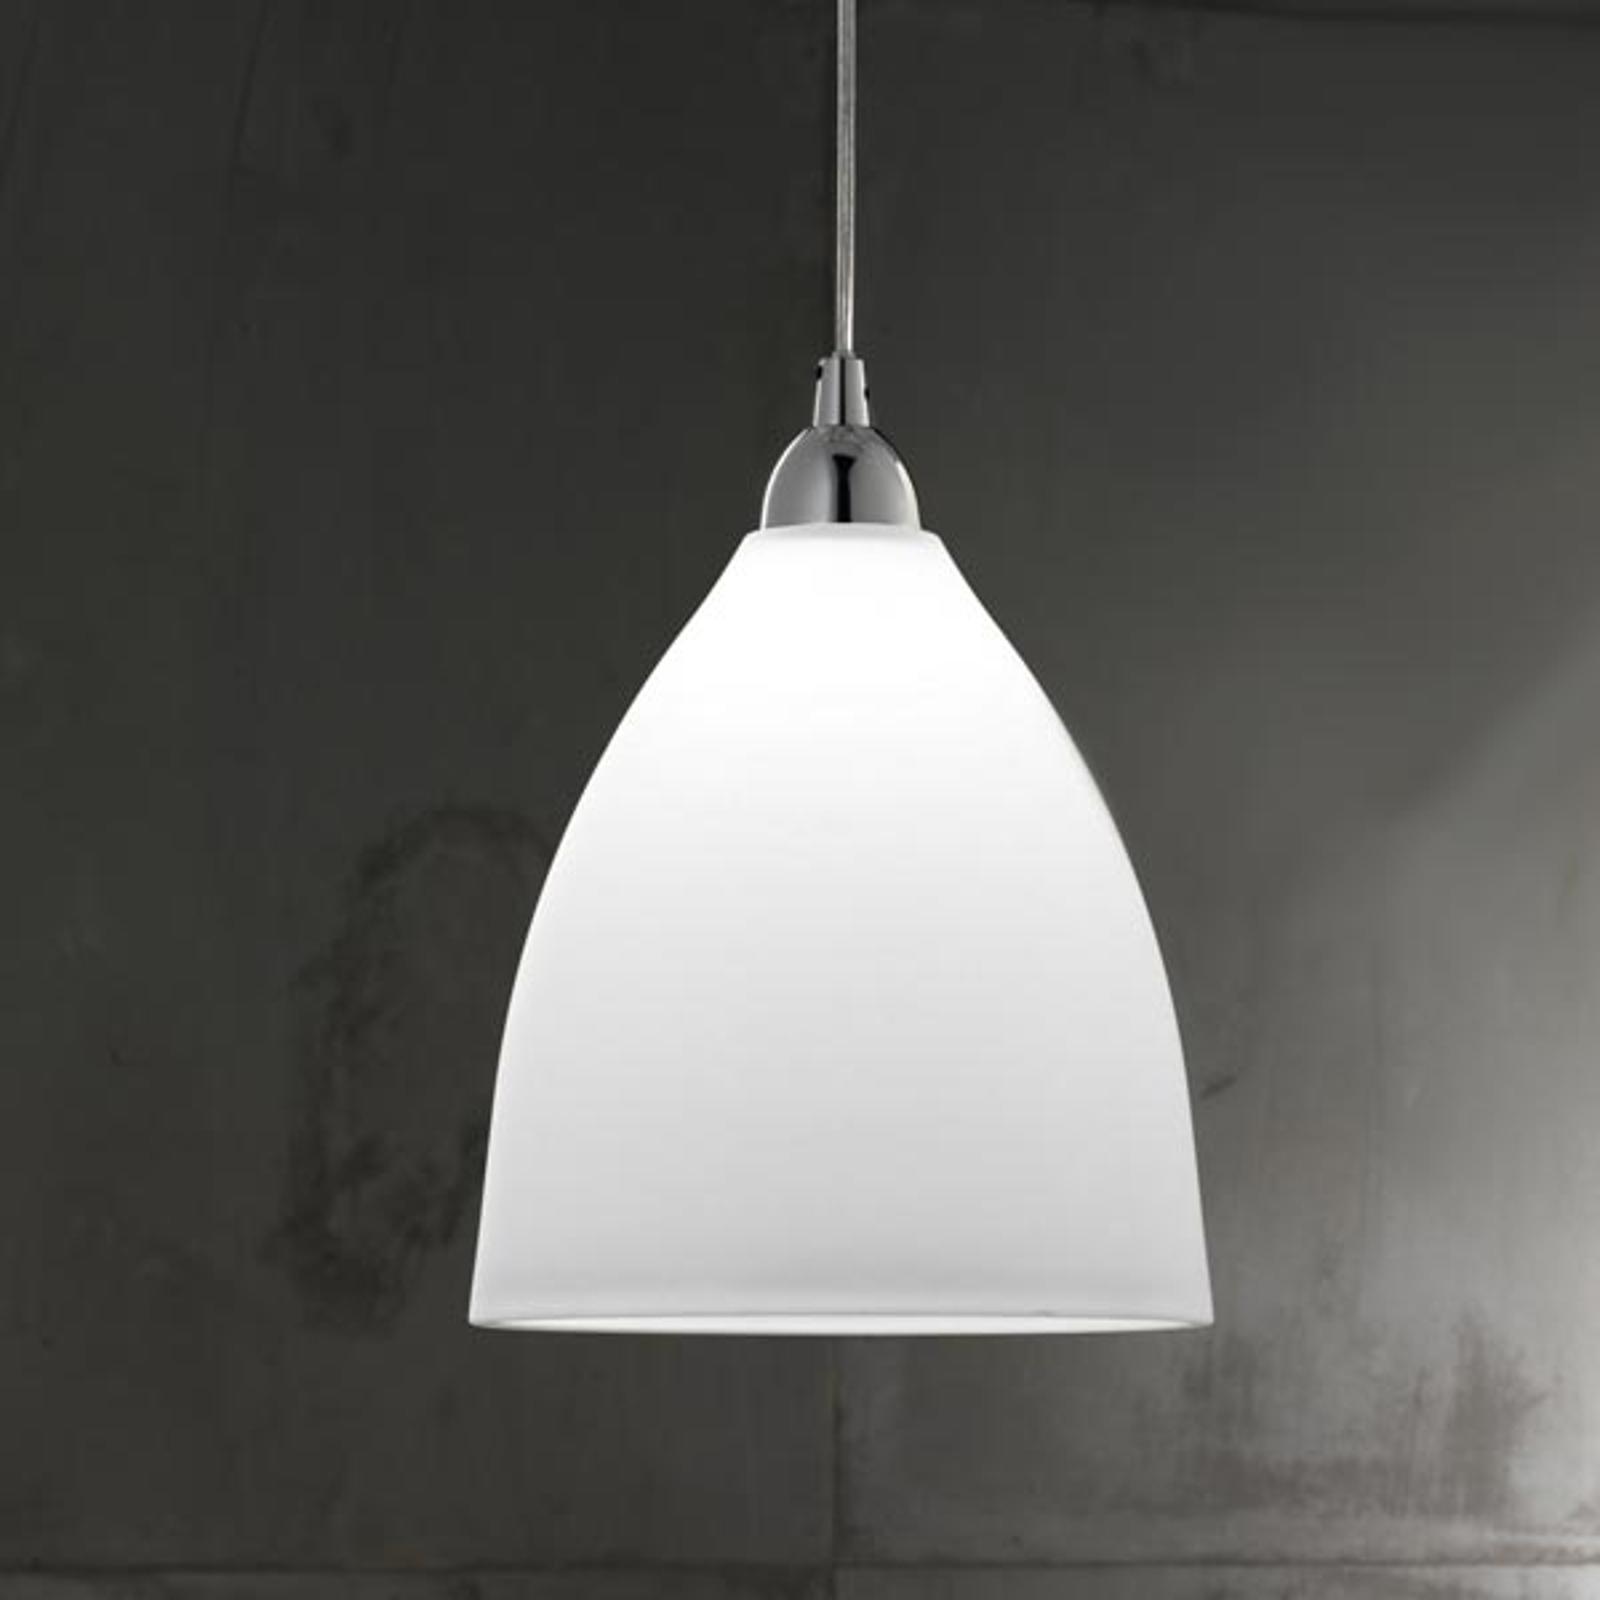 Lámpara colgante PROVENZA de vidrio blanco, 20 cm